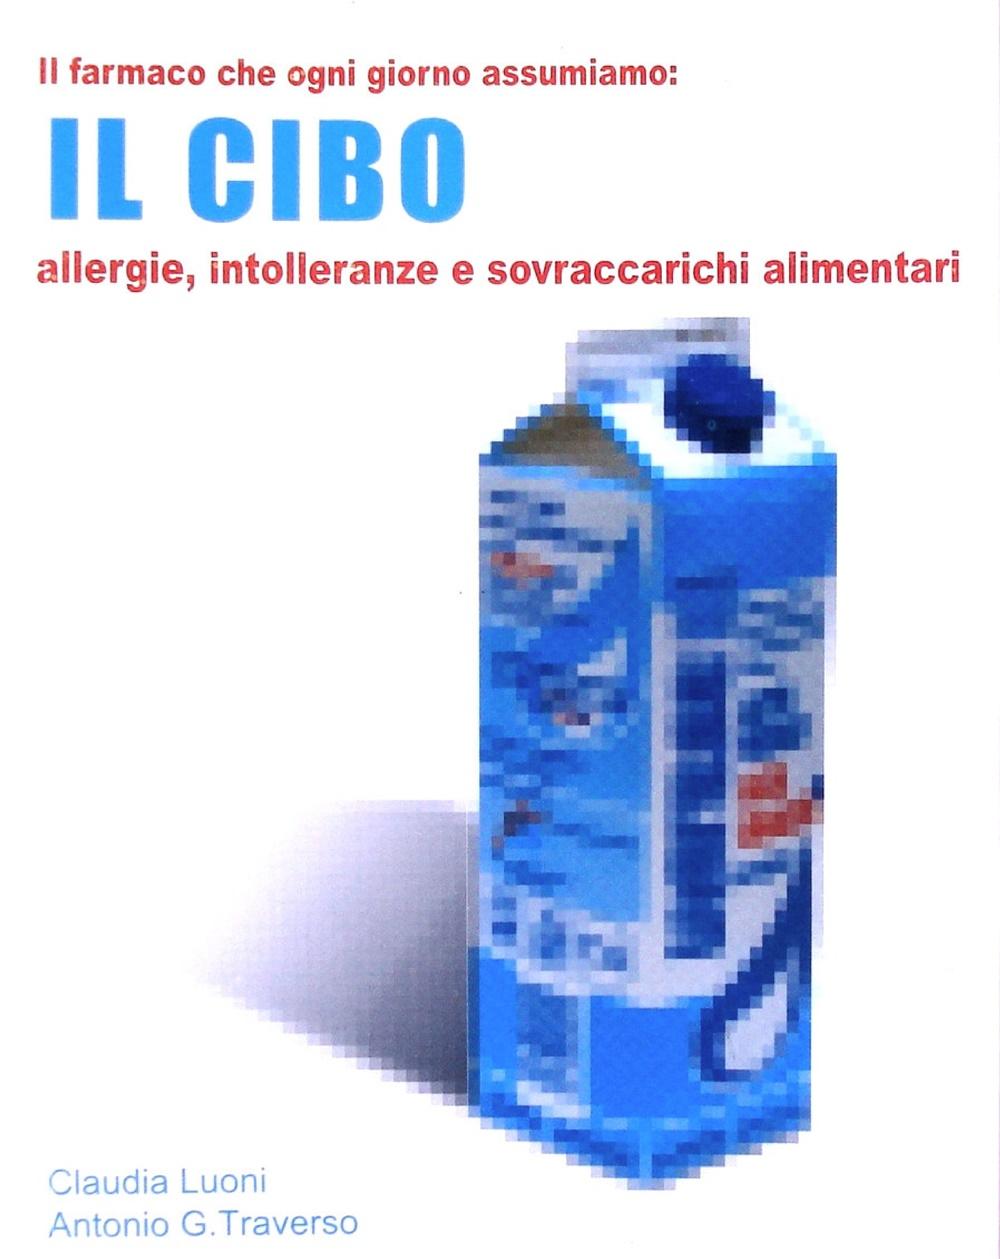 Il Farmaco che ogni giorno assumiamo IL CIBO @DrTraverso WP